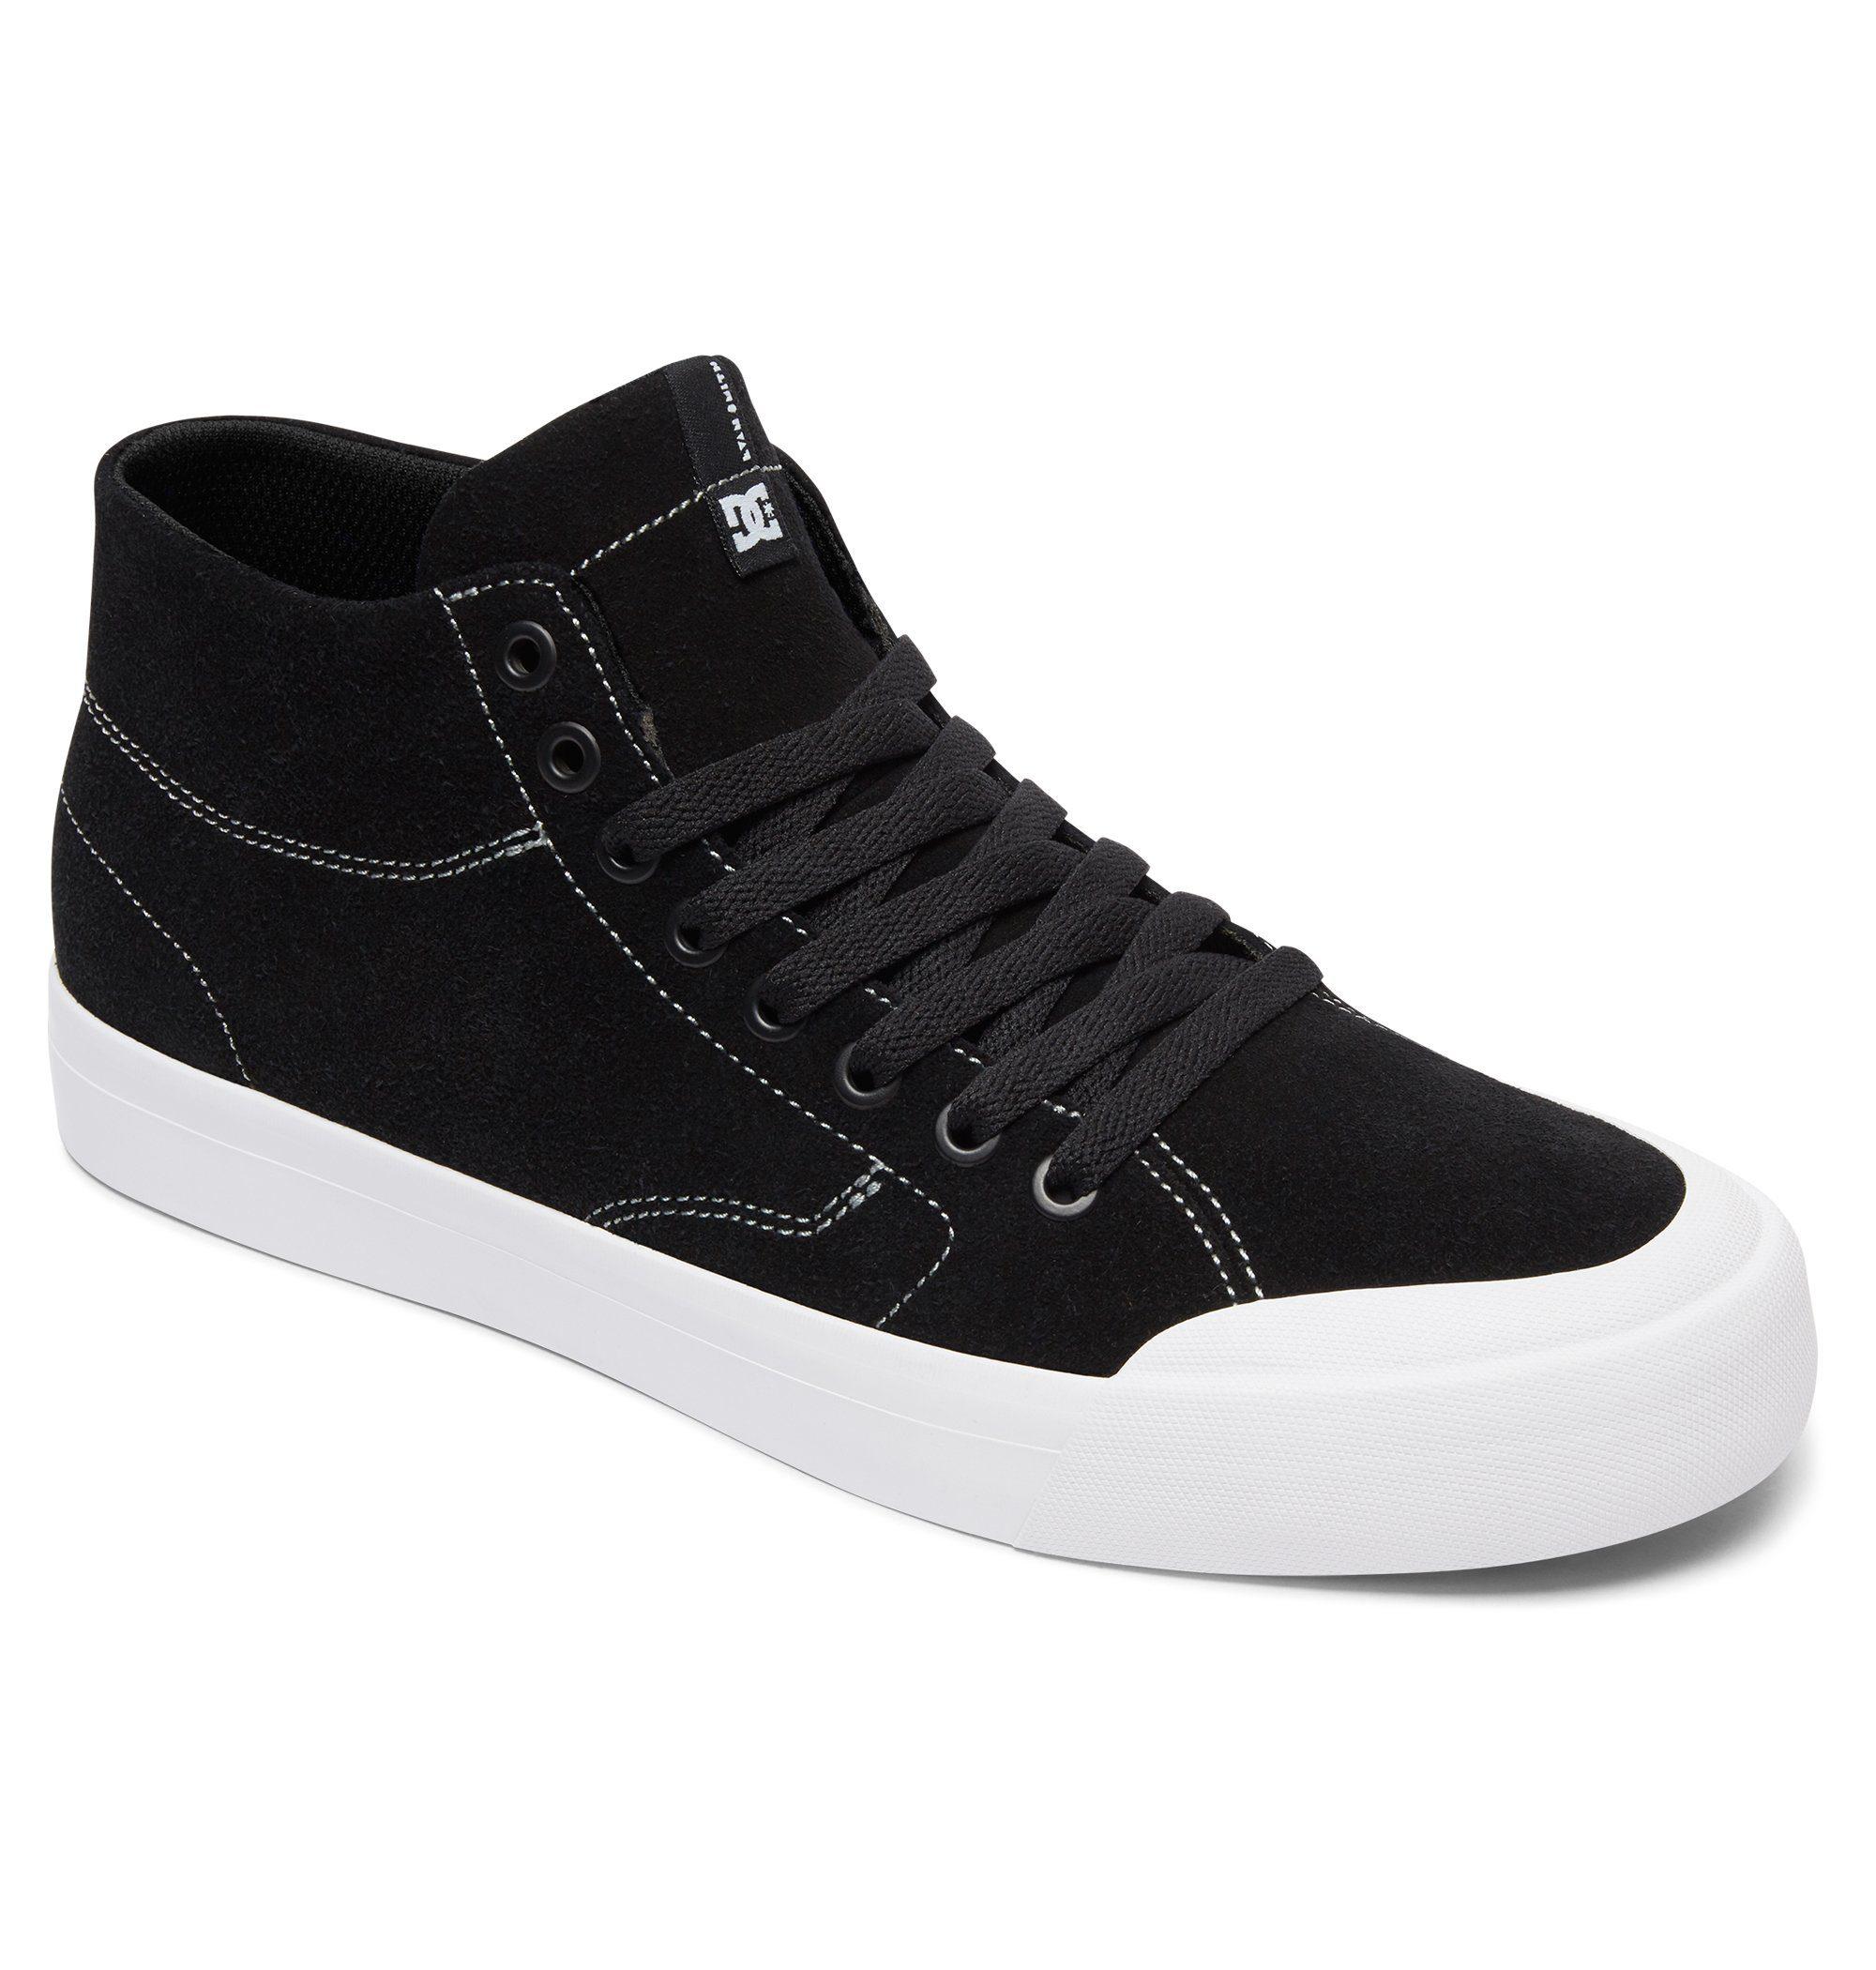 Dc Shoes Noir Evan Chaussures Smith Pour Les Hommes OSv6Cylz